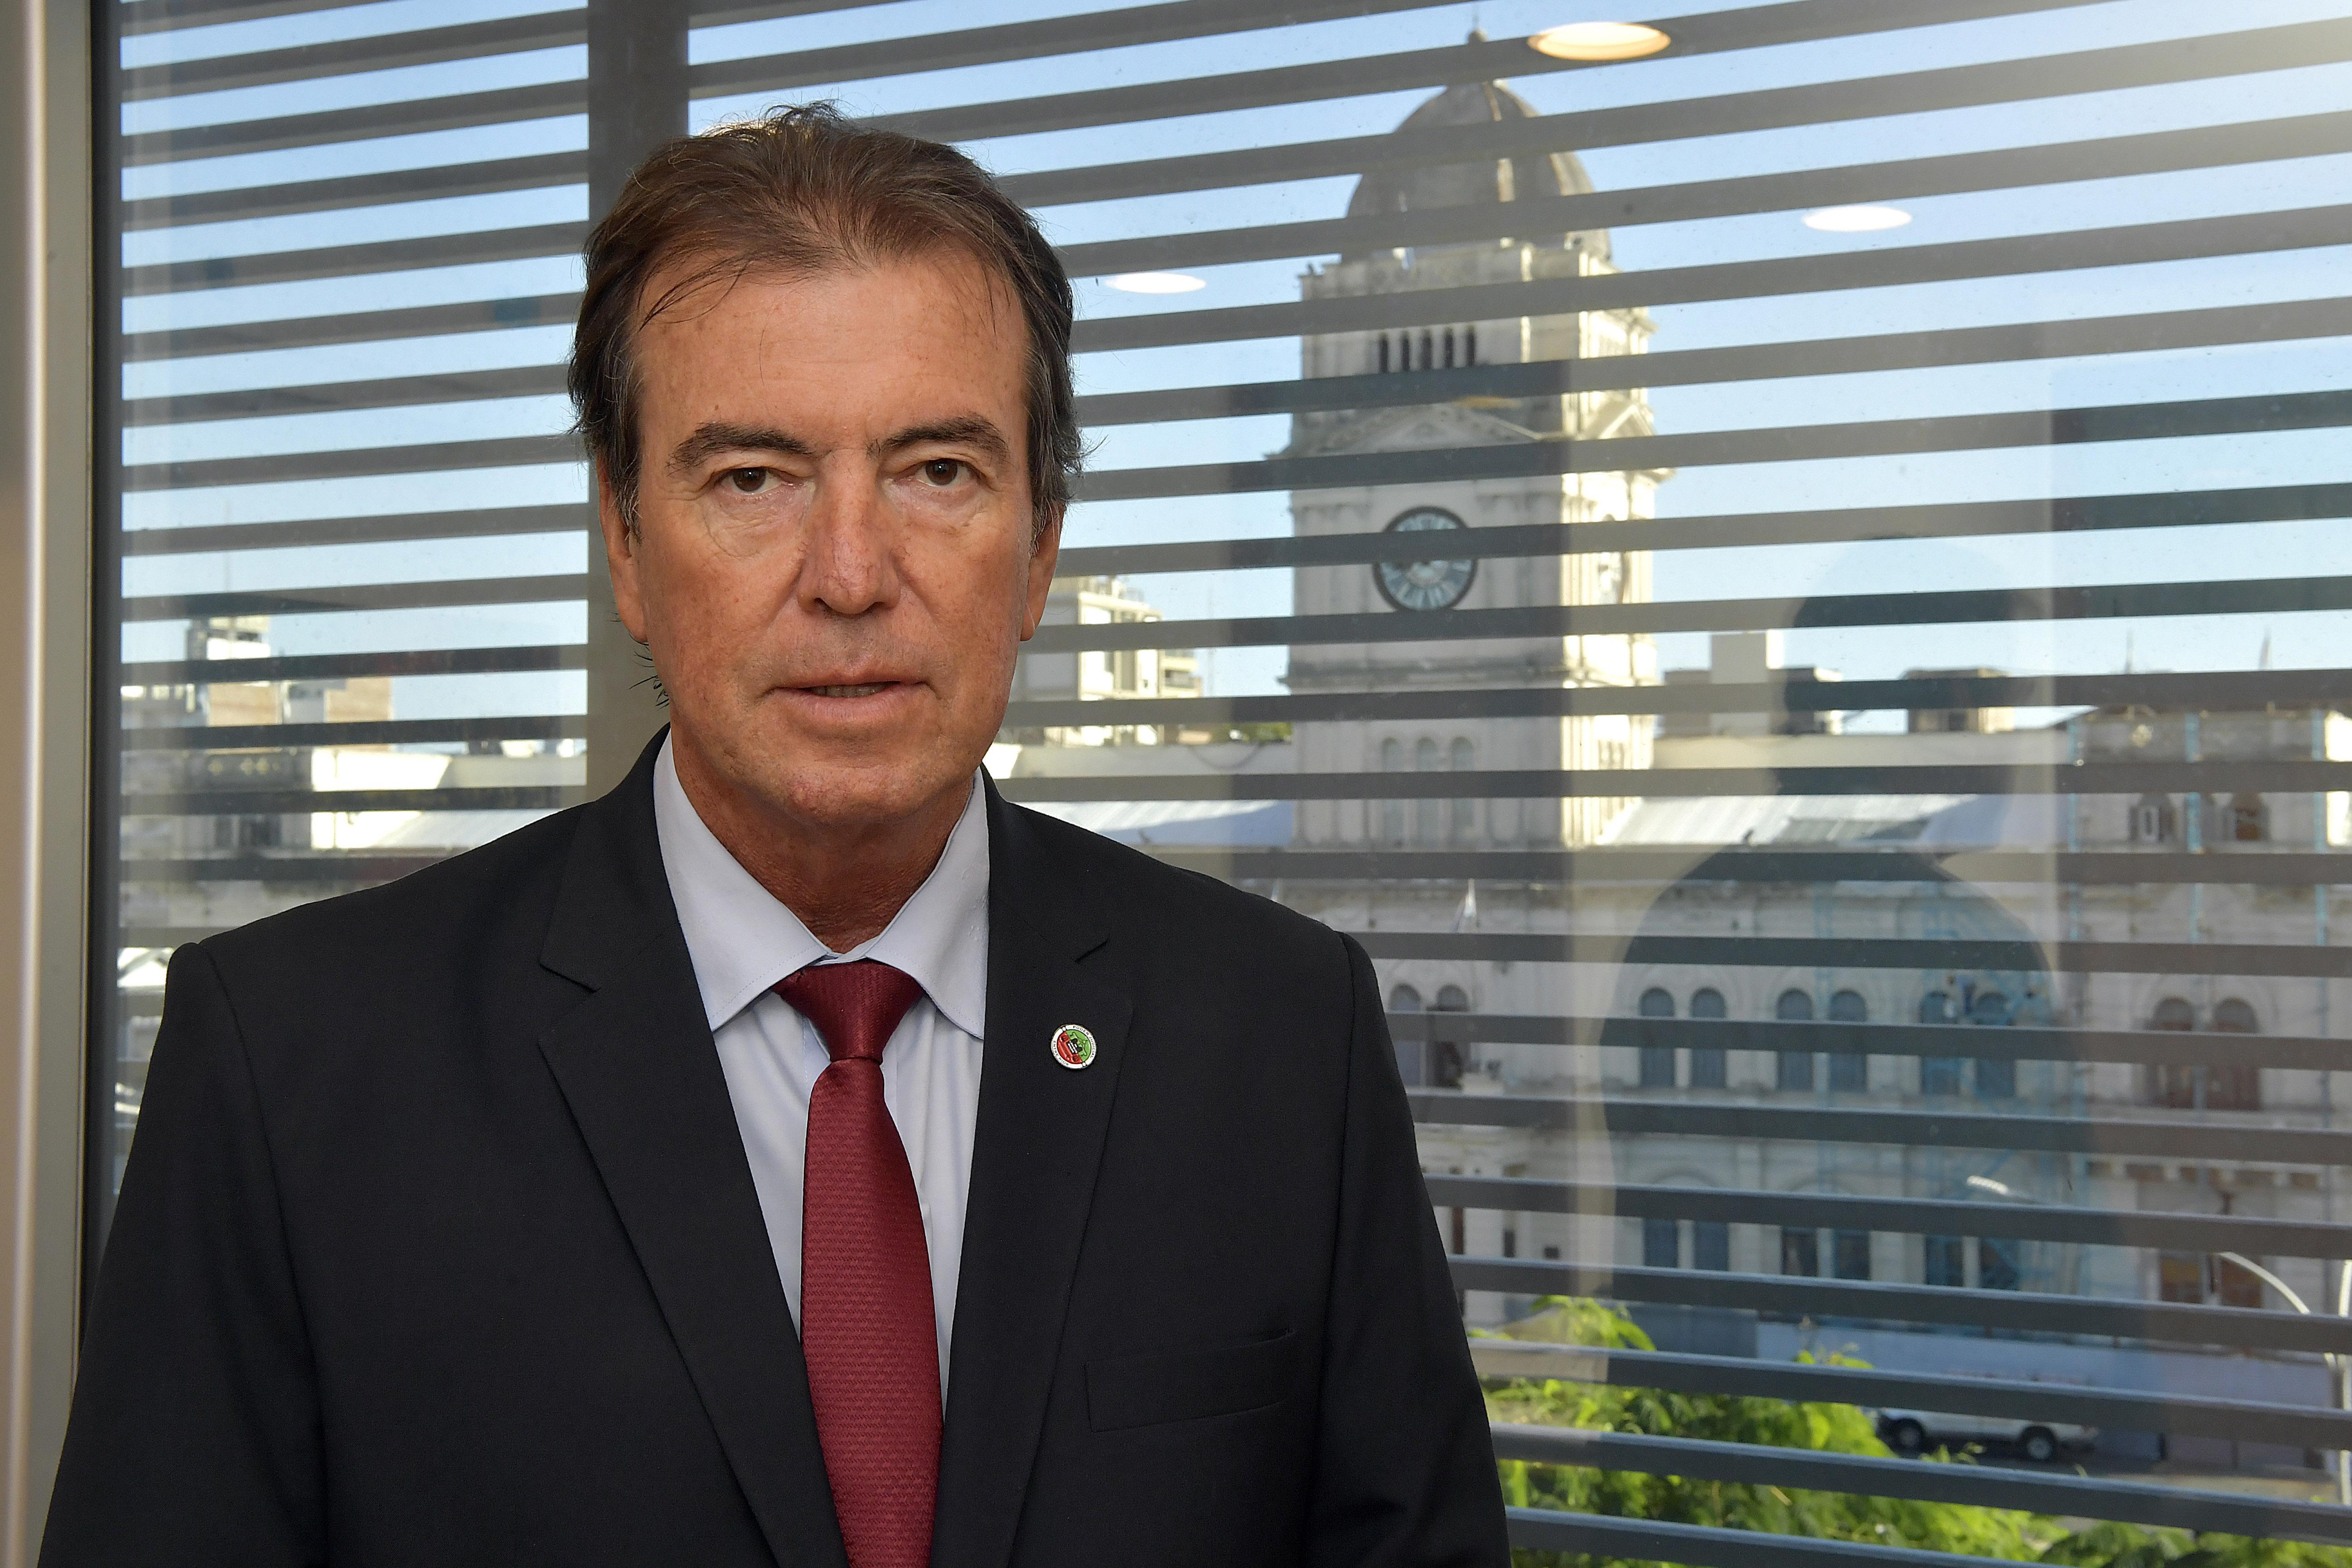 Poderes Judiciales de todo el país debatirán en Salta sobre Modernización y Justicia